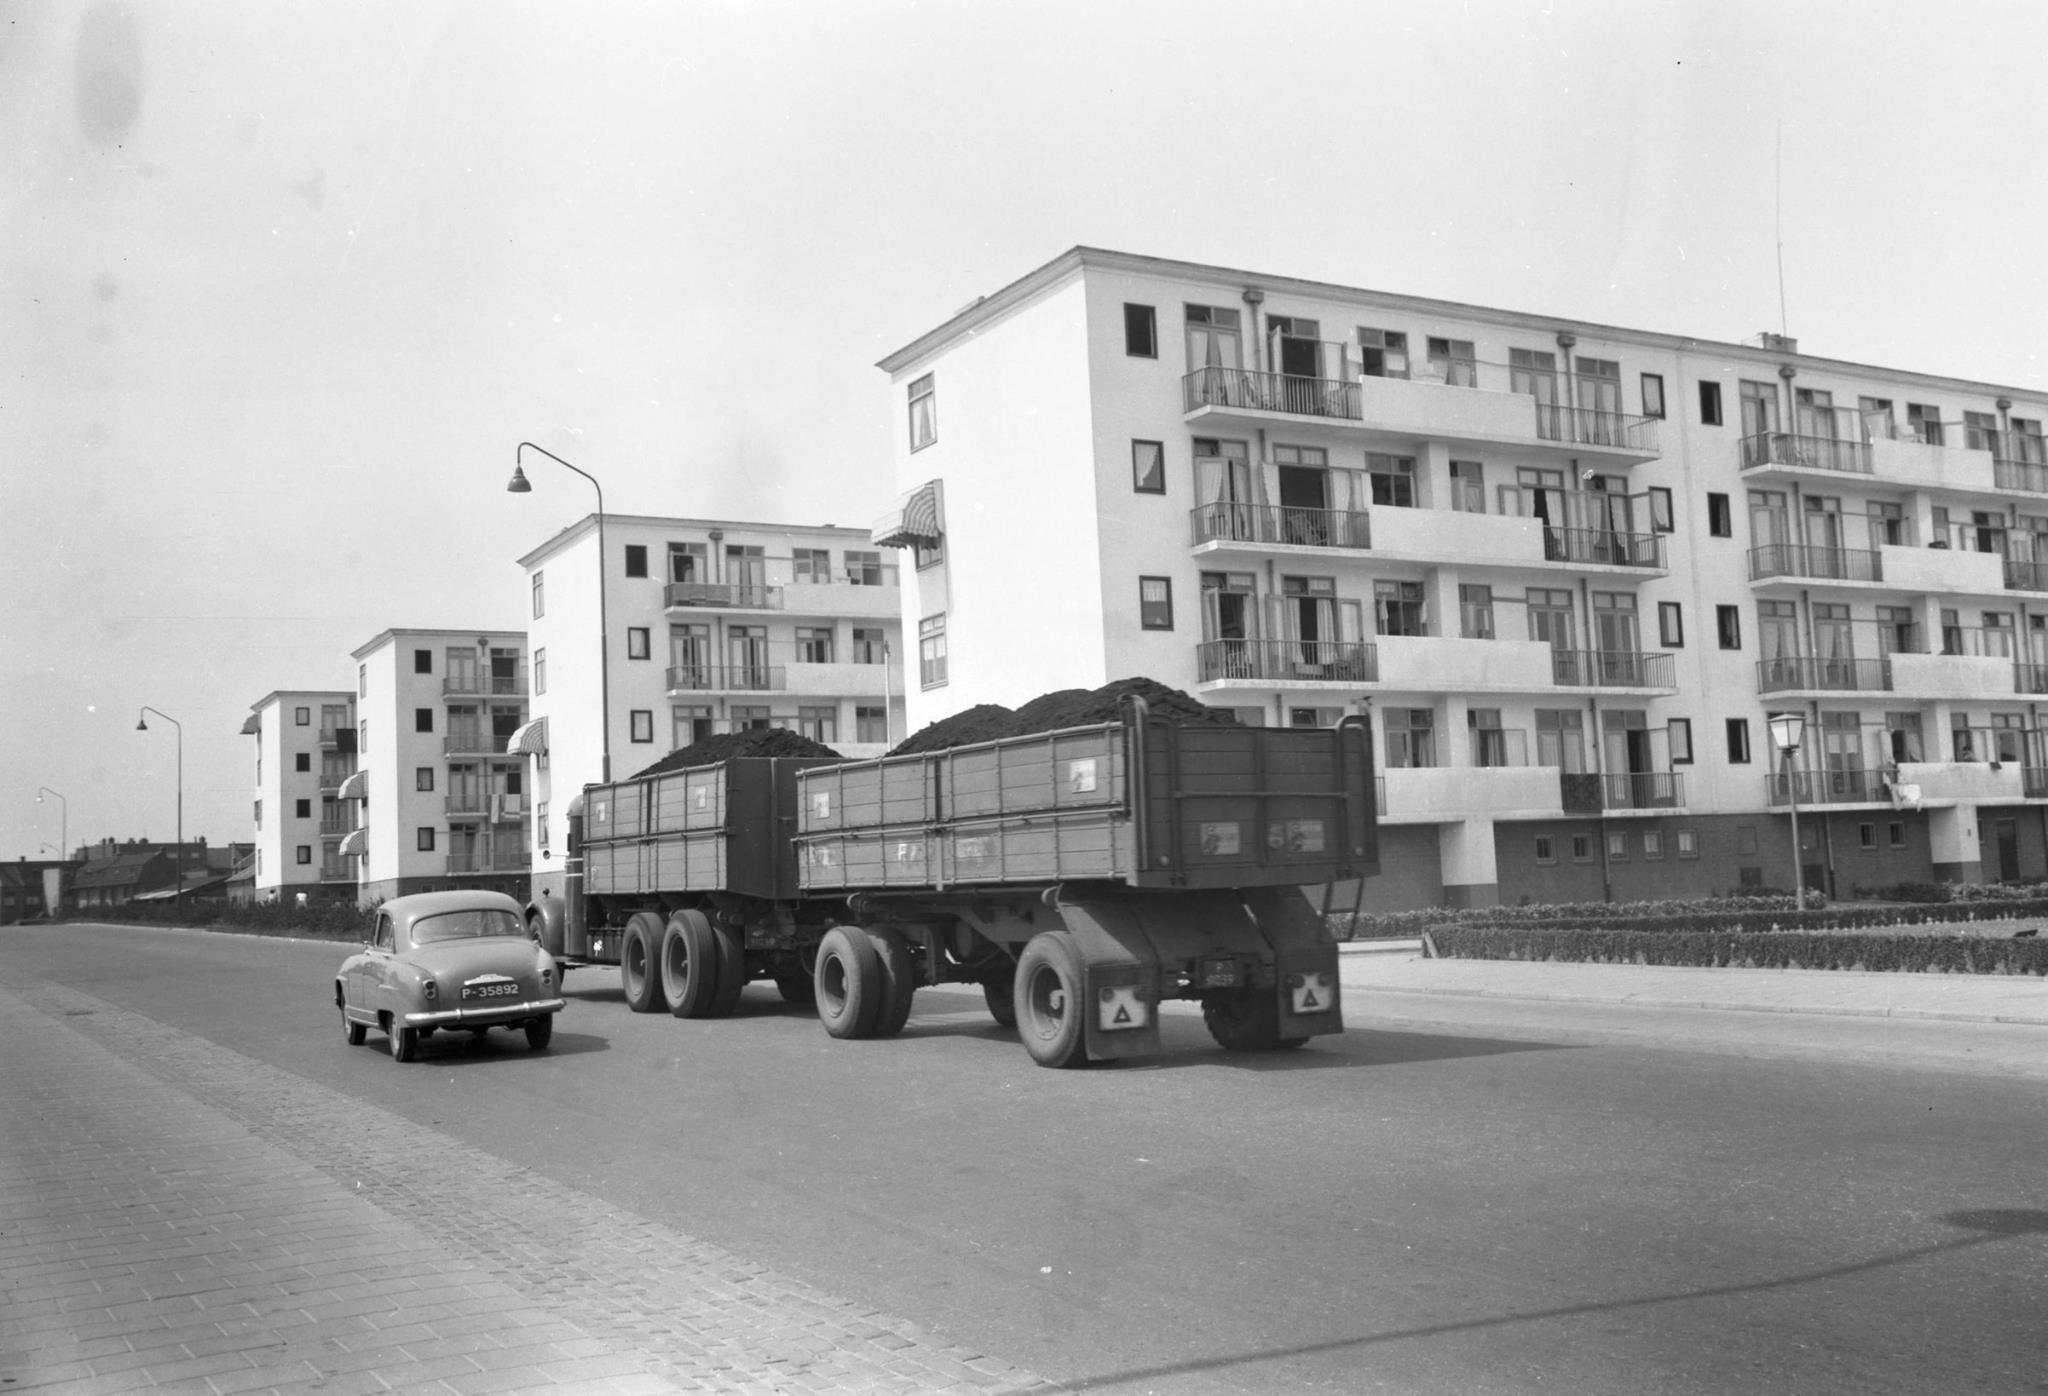 Mack-met-kolen-geladen-1953-Eygelshoven